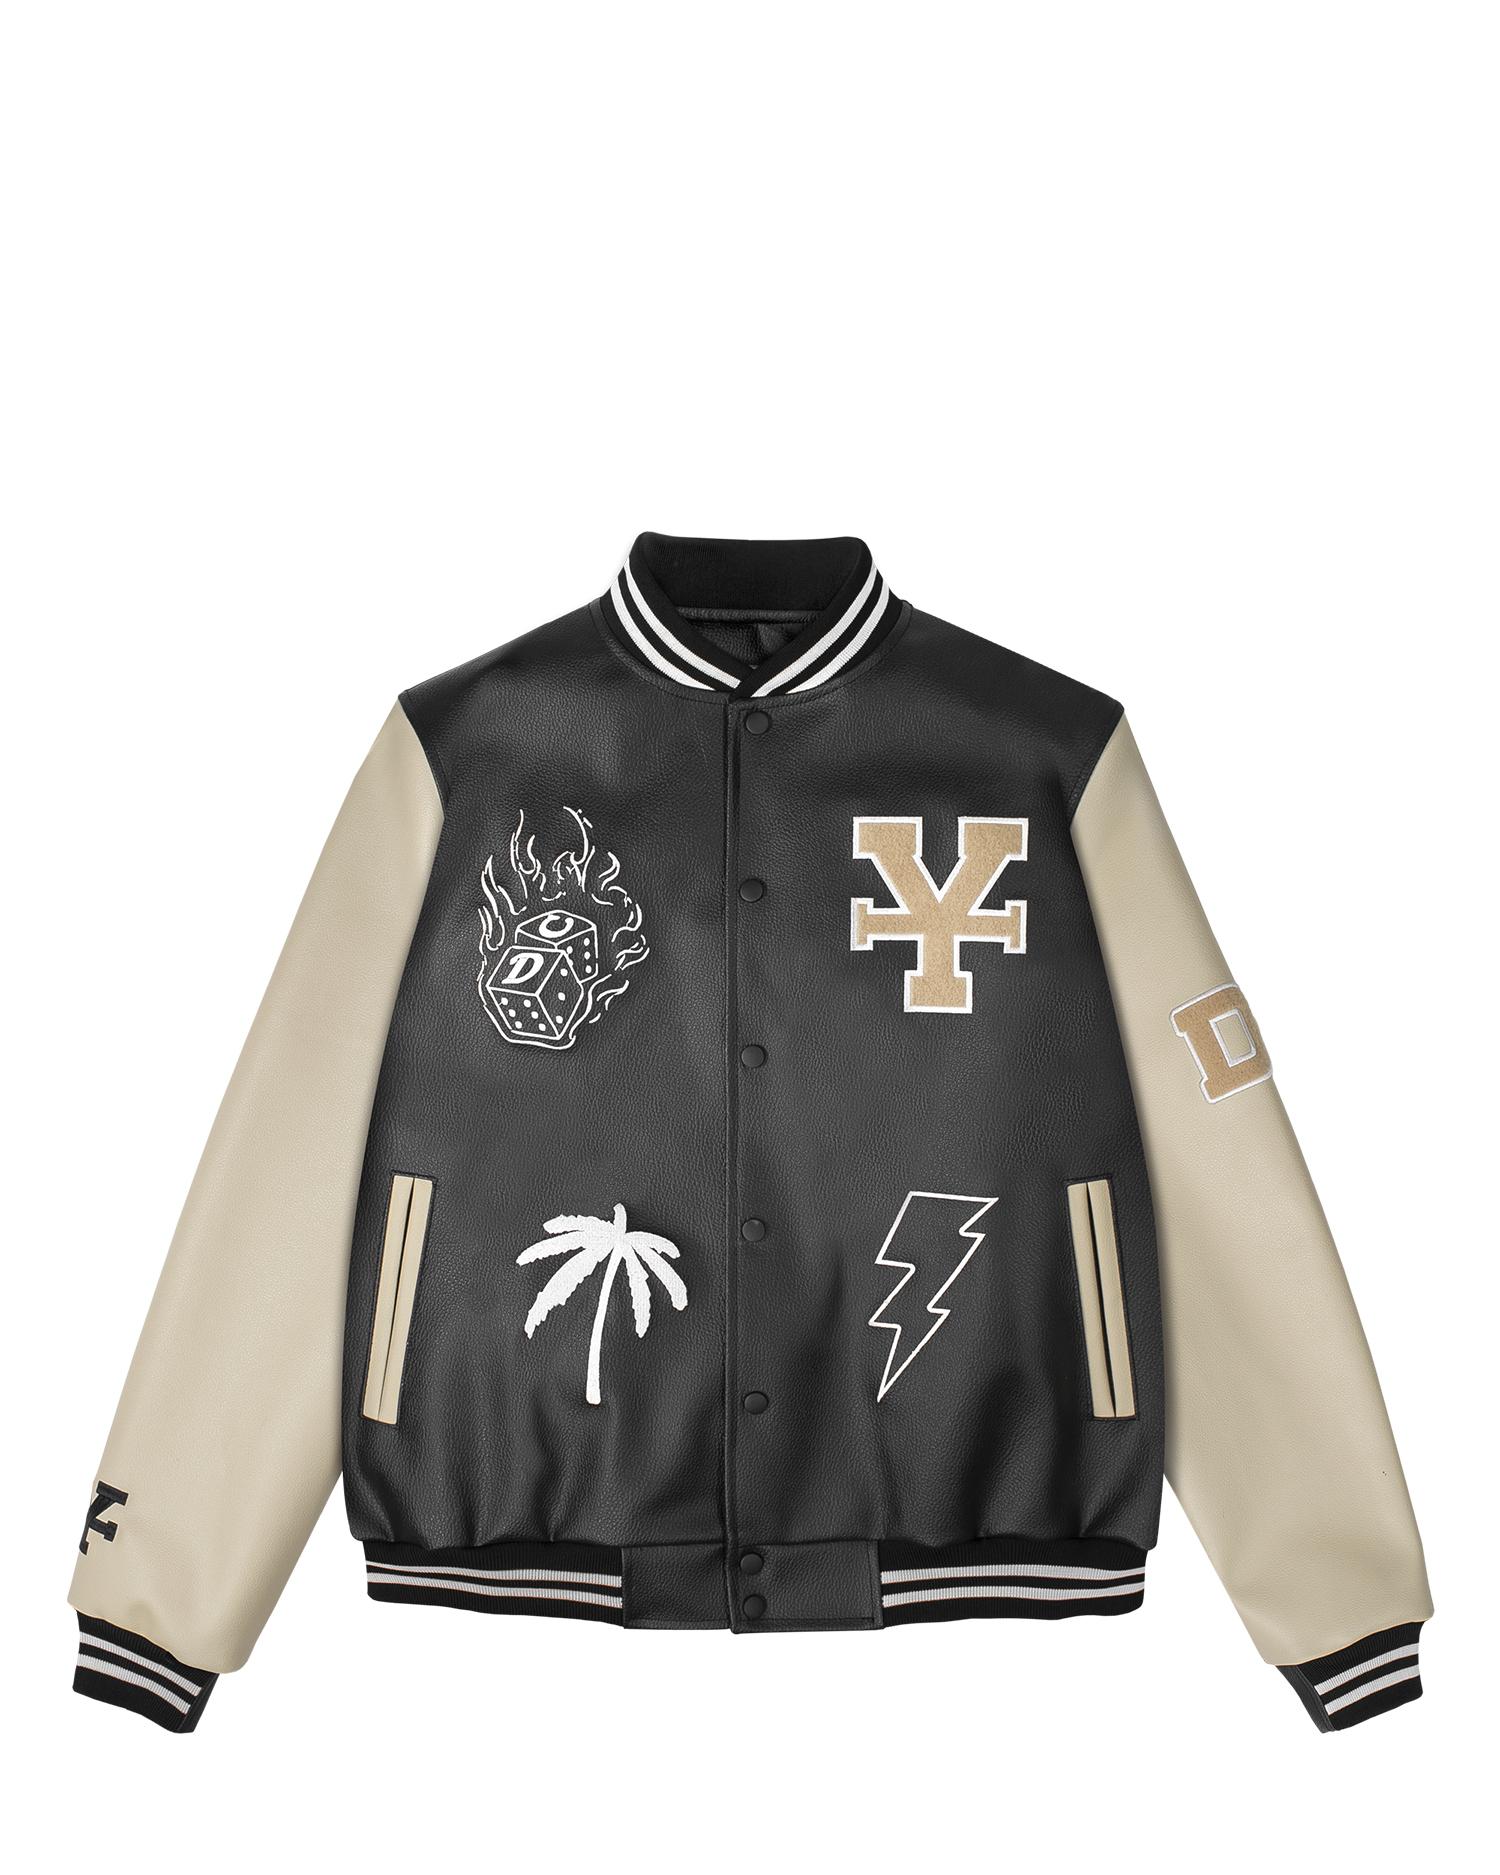 DirtyCoins Varsity Jacket Of The Year - VOTY